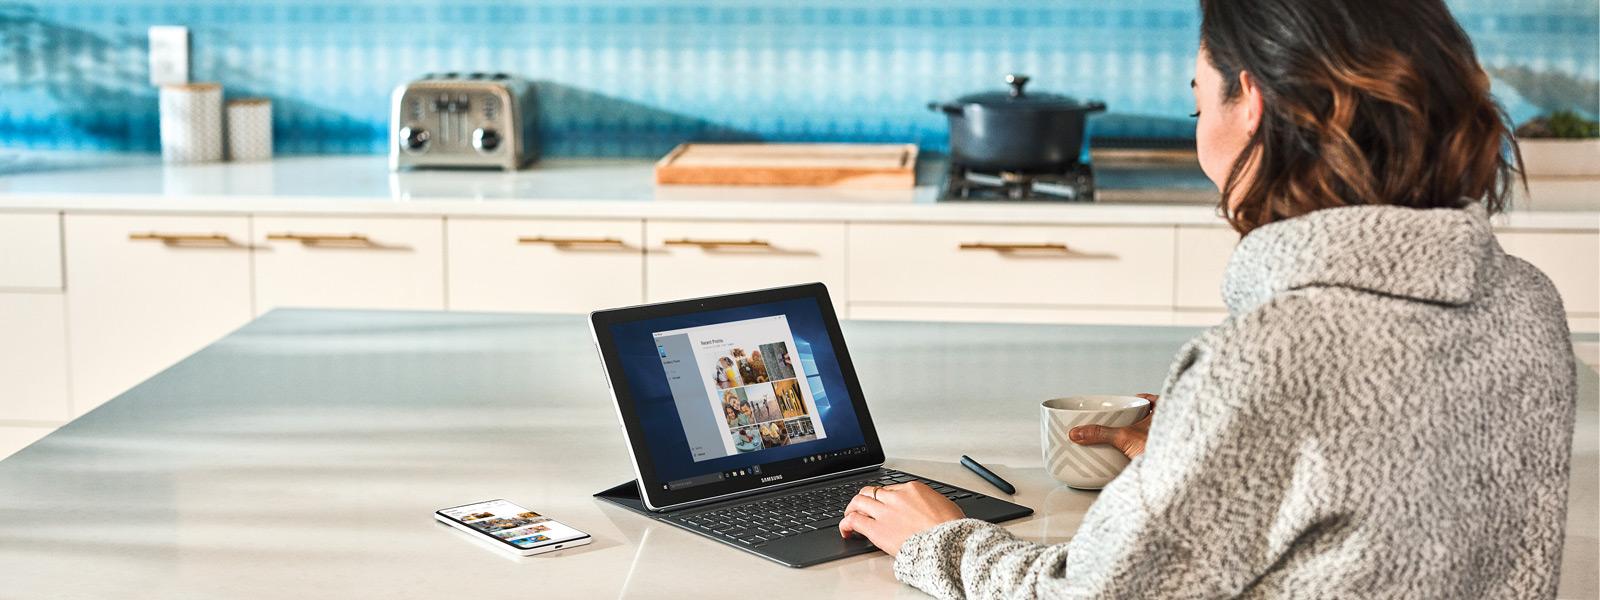 Kobieta siedząca przy kuchennym blacie i korzystająca z laptopa z systemem Windows 10 za pomocą telefonu komórkowego